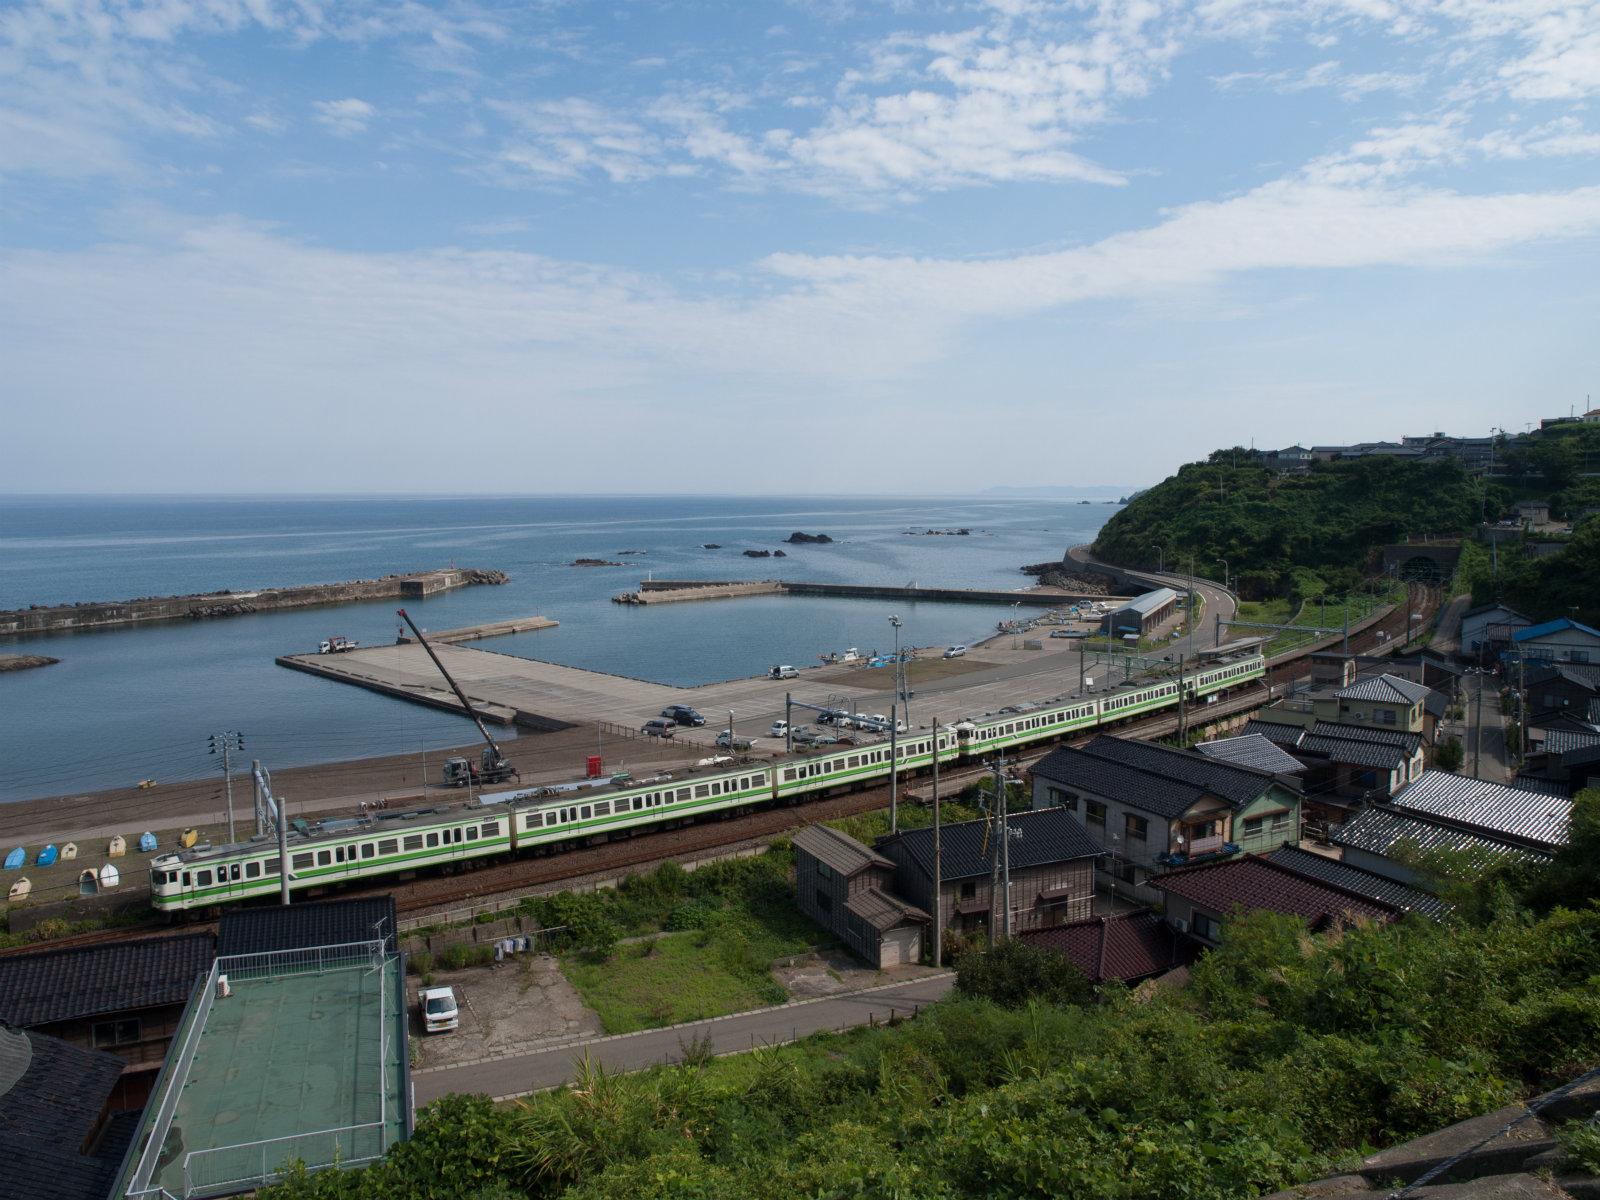 列車がゆっくりとやってきました。海と青空の前ではとても小さく見えました。